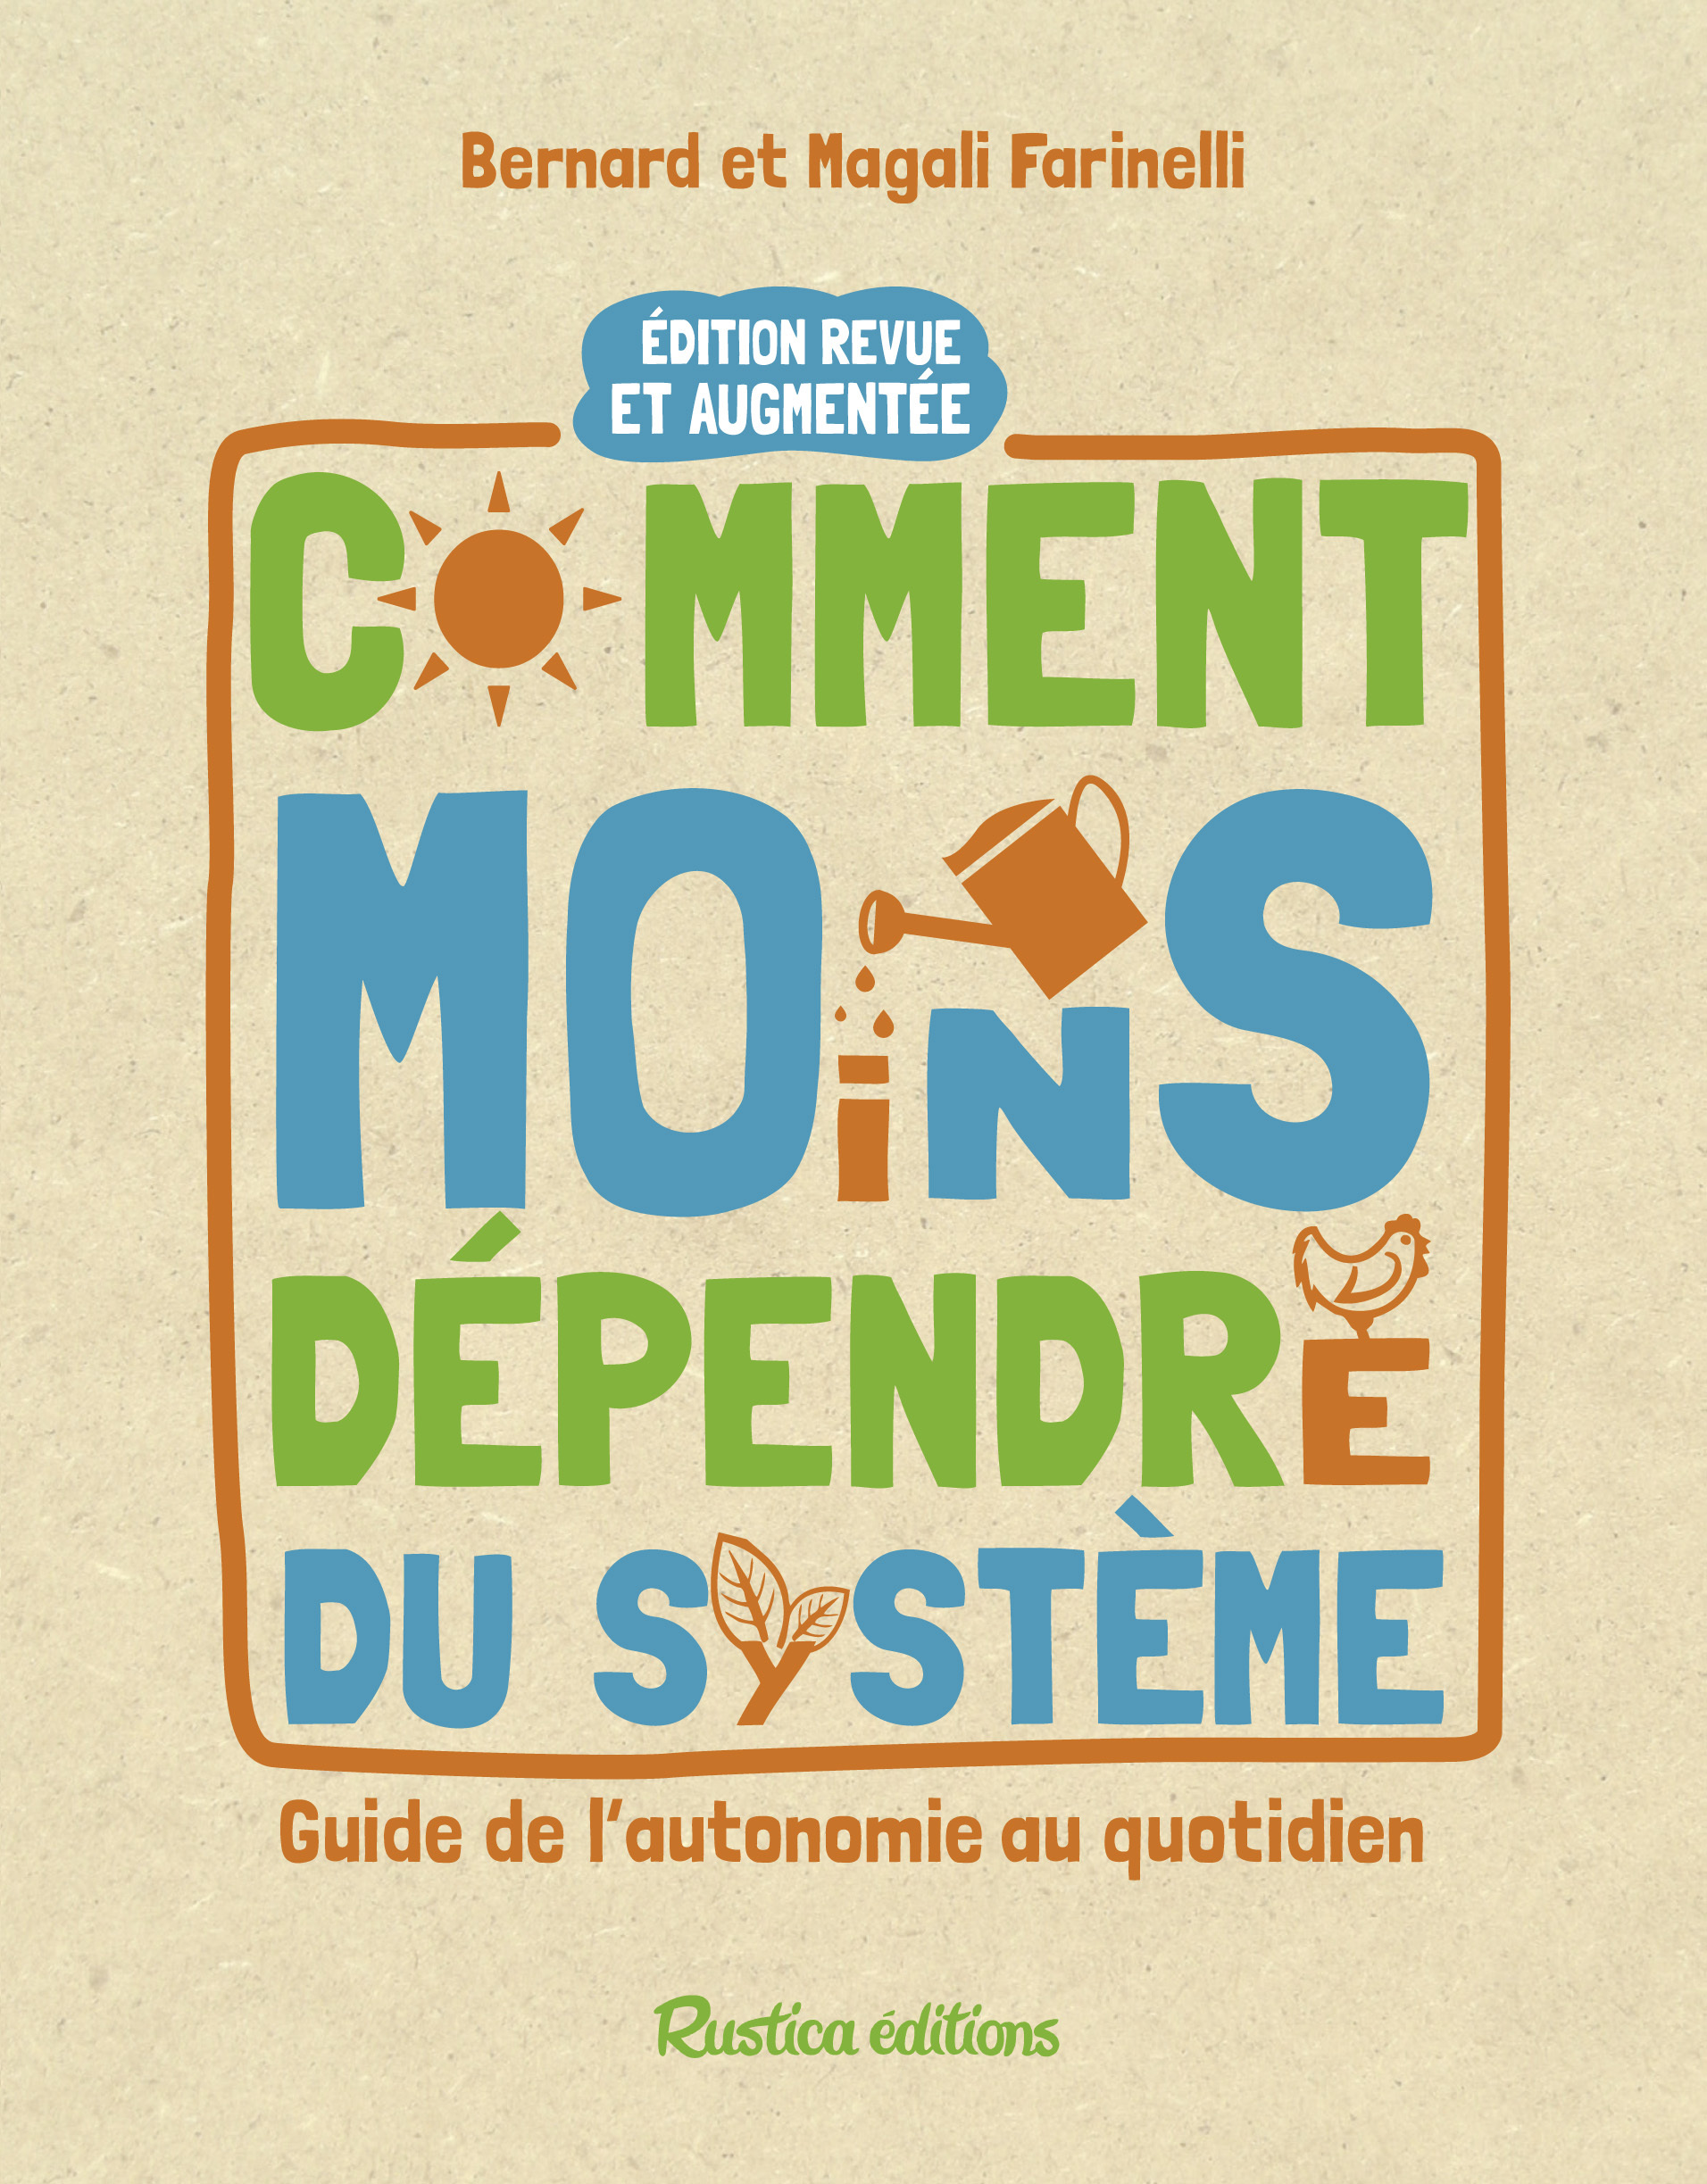 COMMENT MOINS DEPENDRE DU SYSTEME : GUIDE DE L'AUTOSUFFISANCE AU QUOTIDIEN